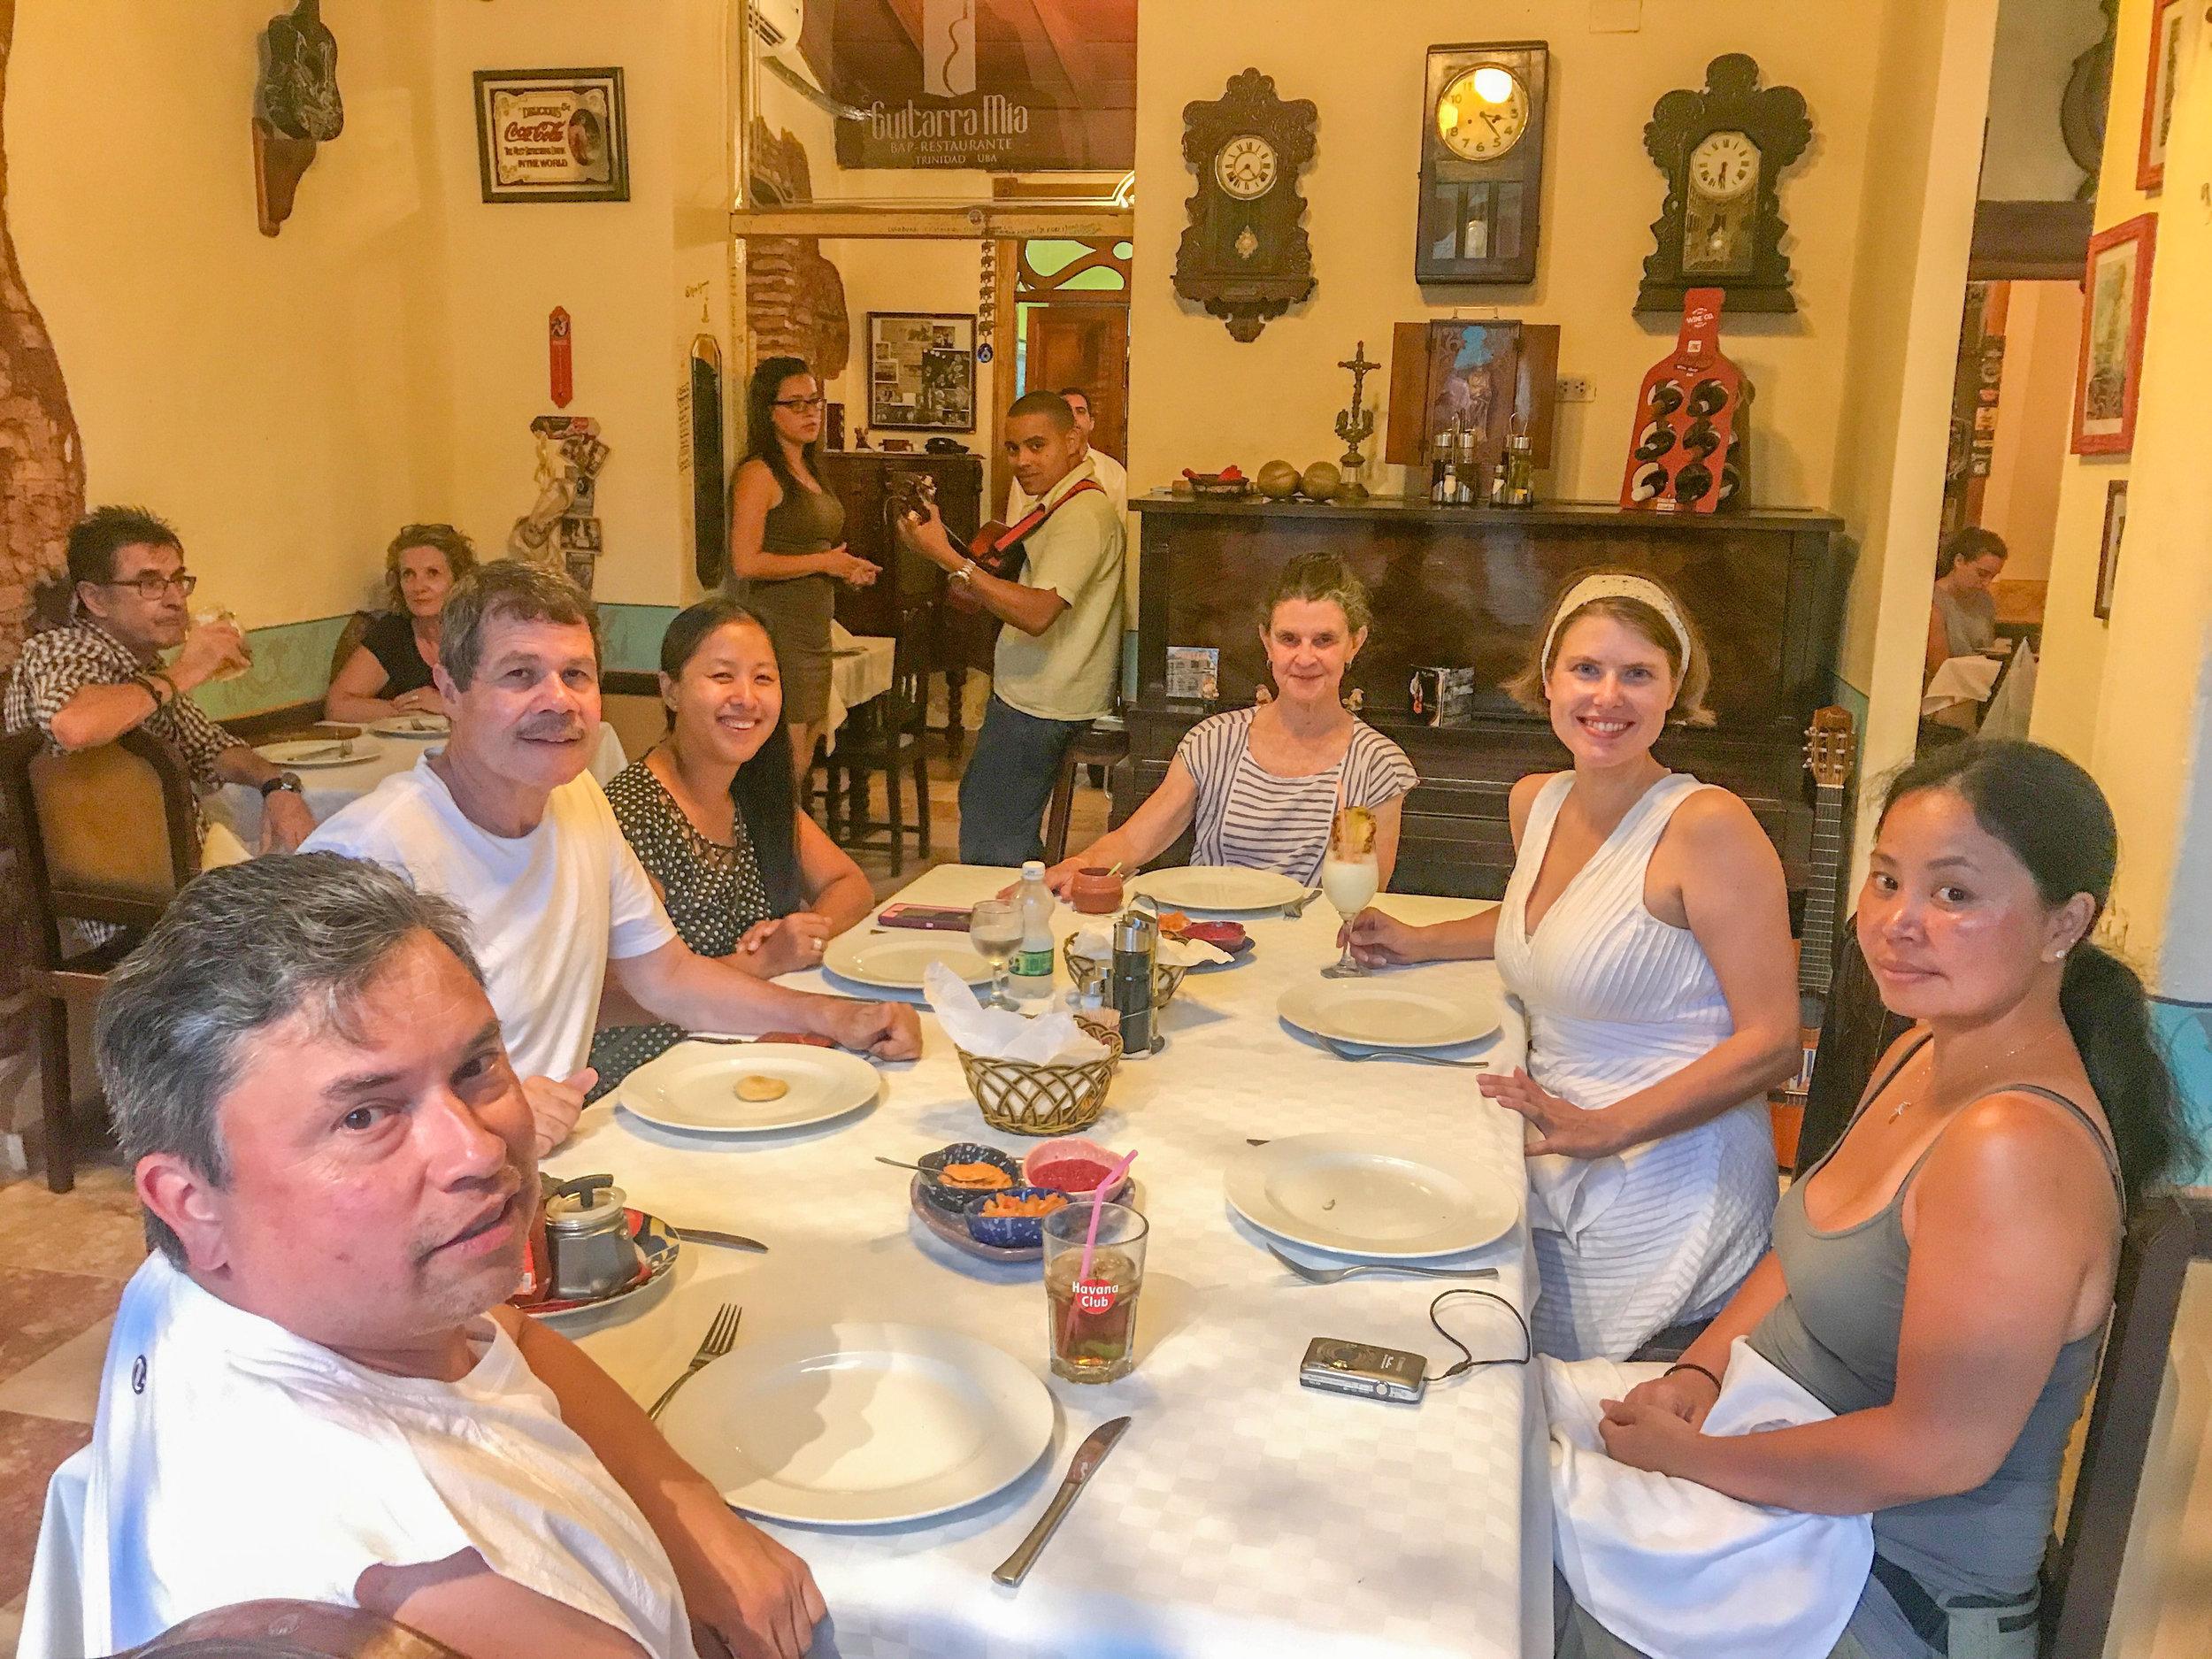 Vegan-friendly group dinner in Trinidad